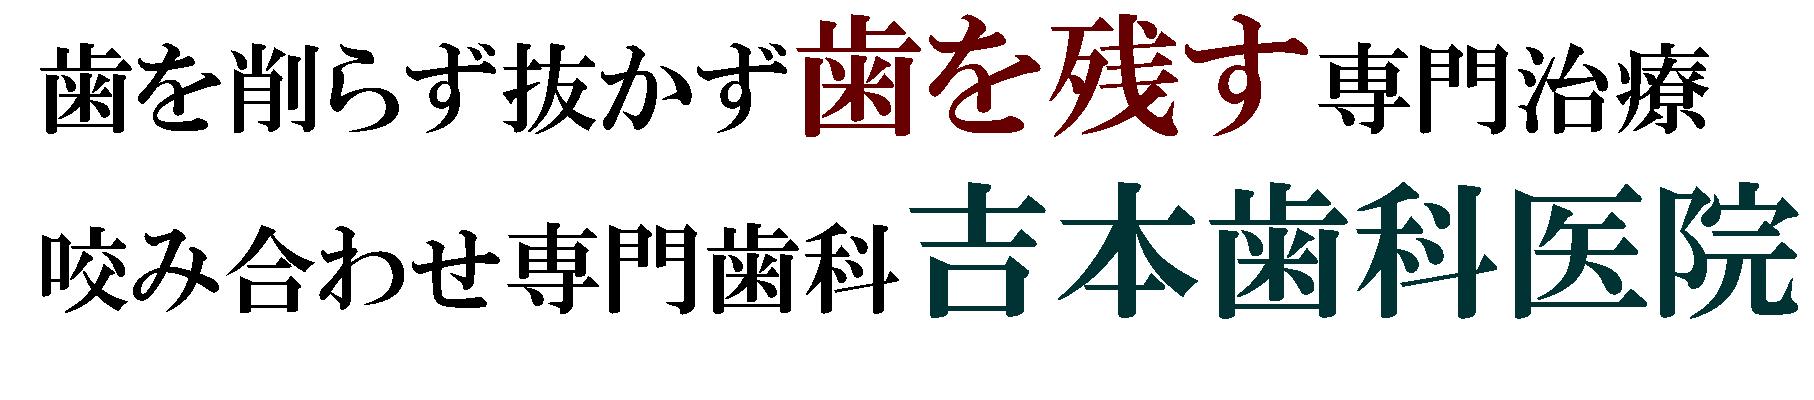 インプラント治療なら香川県,高松市の吉本歯科医院